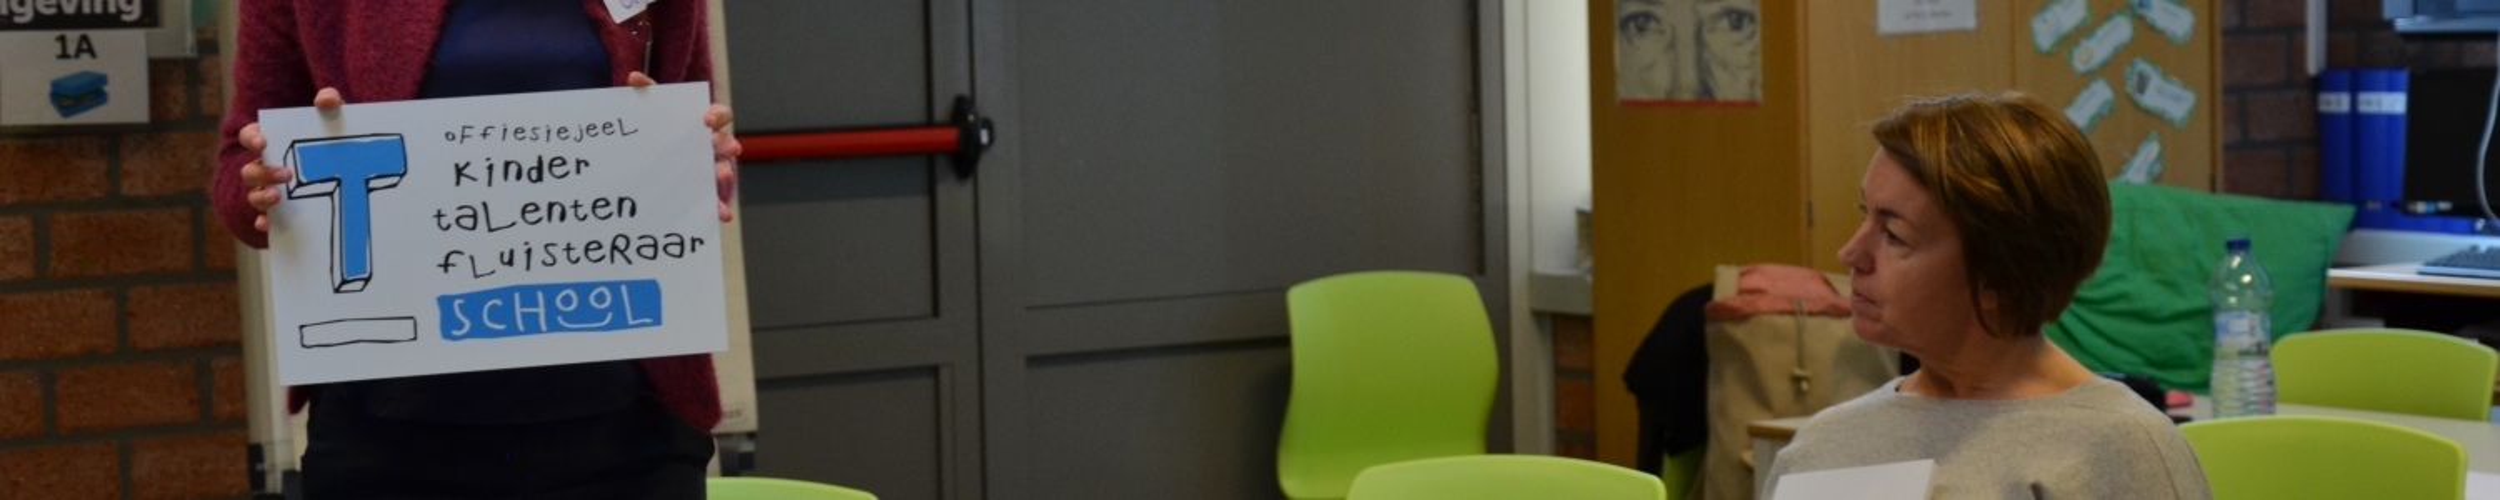 Kindertalentenfluisteraarschool in Antwerpen